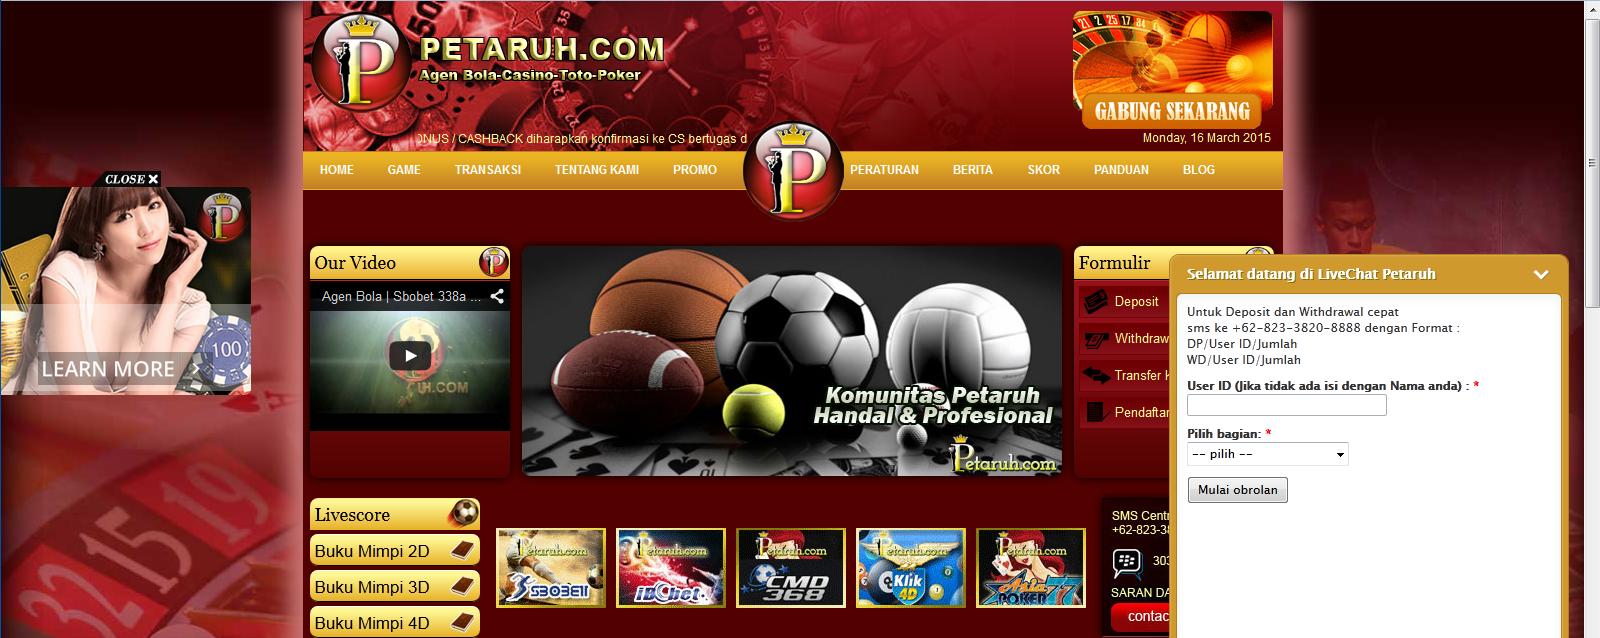 petaruh.com website agen sbobet online